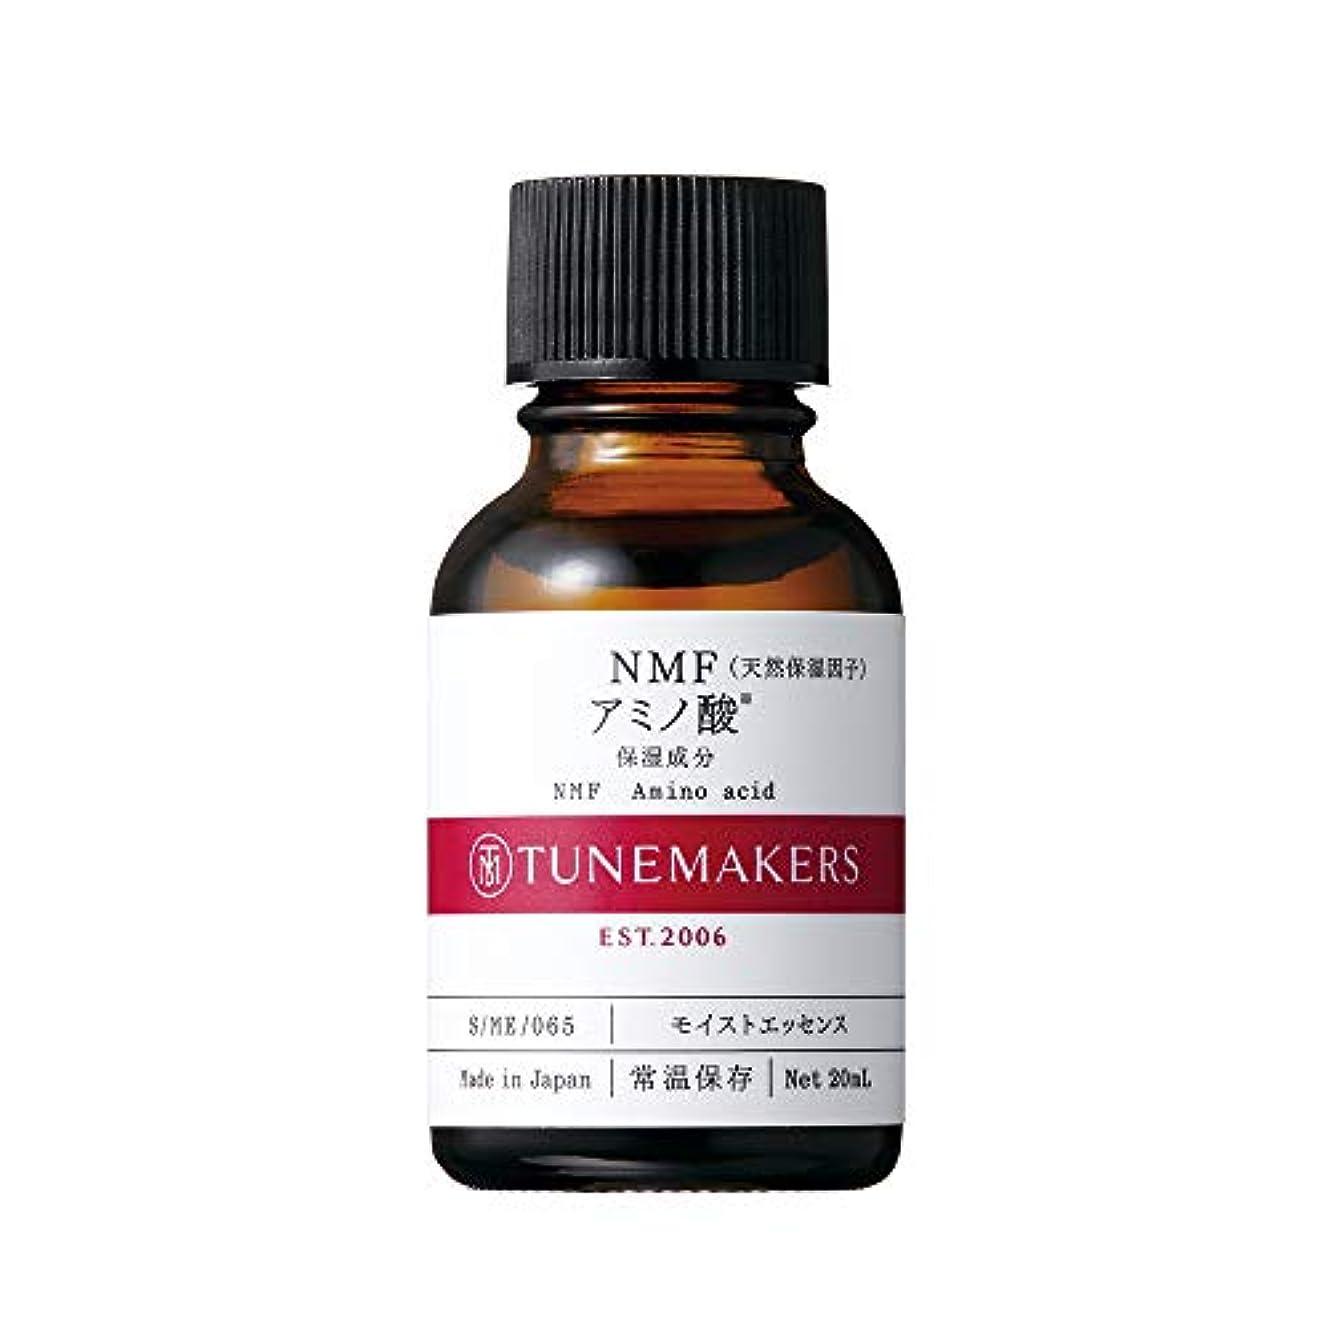 寄託辞任するソフィーチューンメーカーズ NMF(天然保湿因子)アミノ酸 20ml 原液美容液